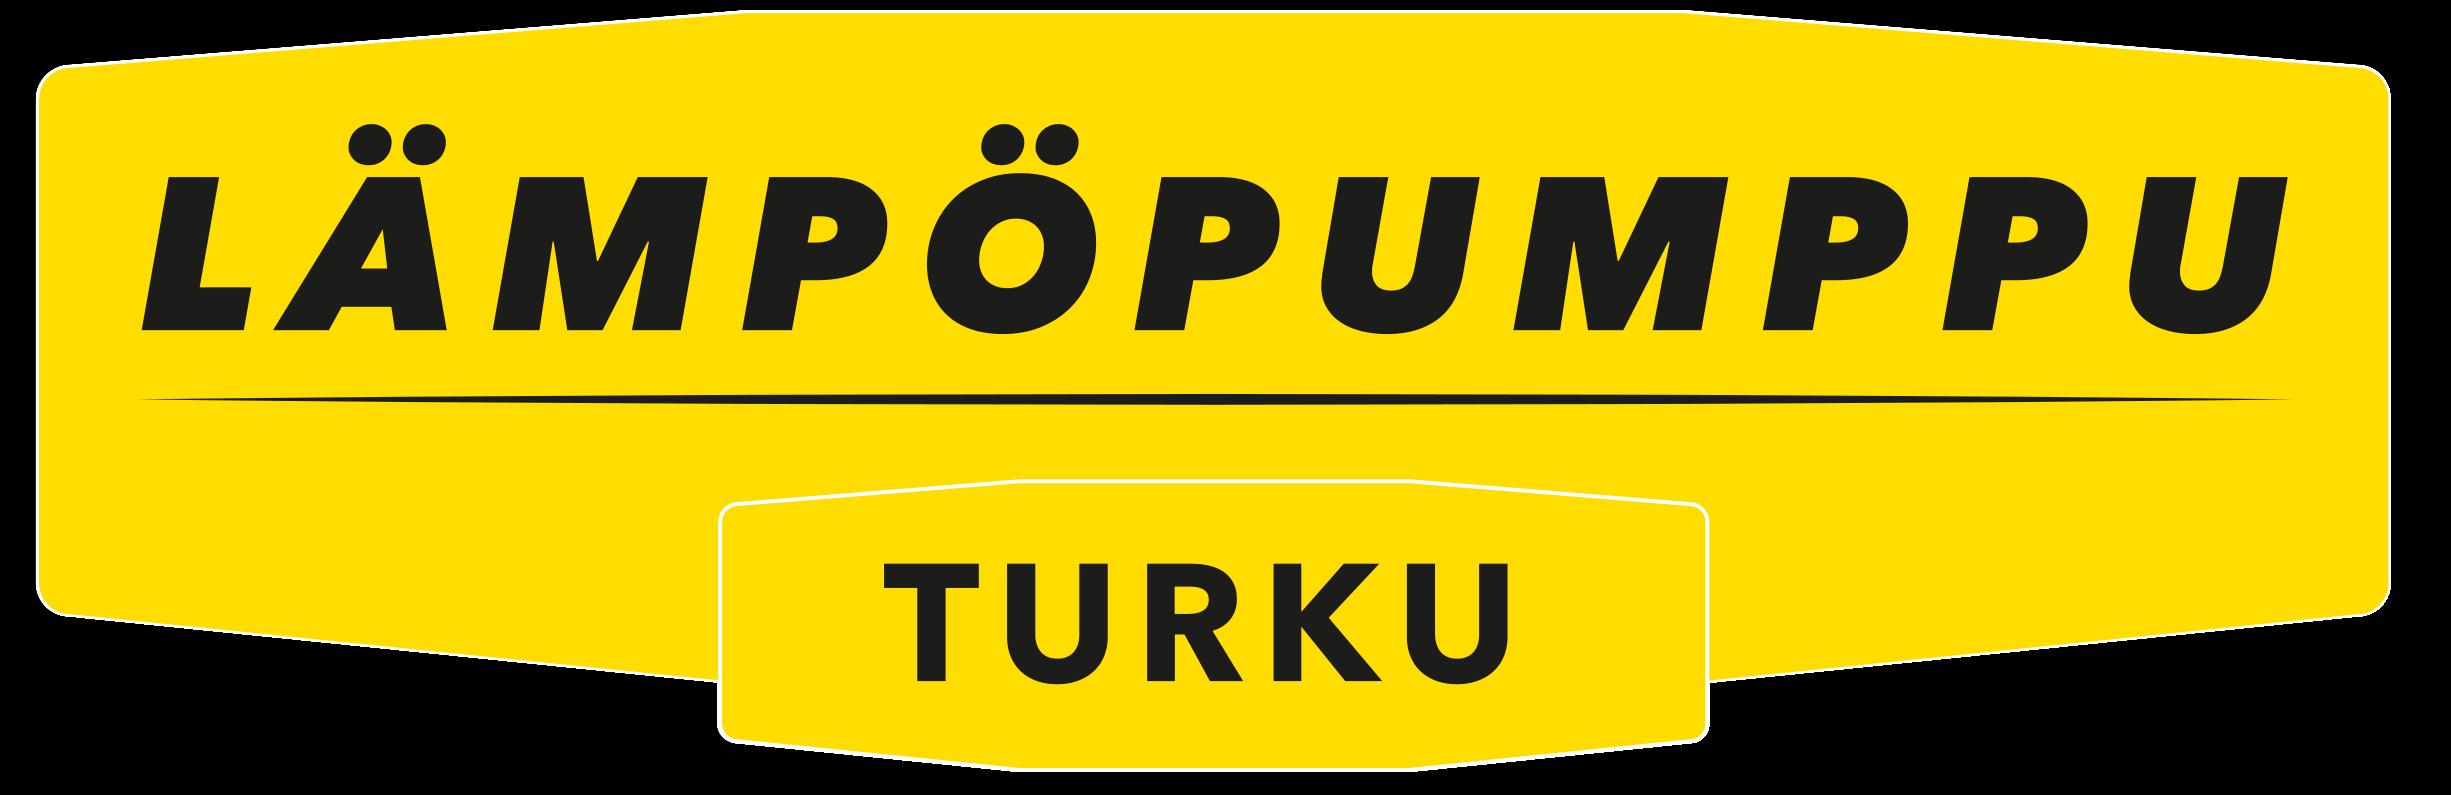 Lämpöpumppu Turku